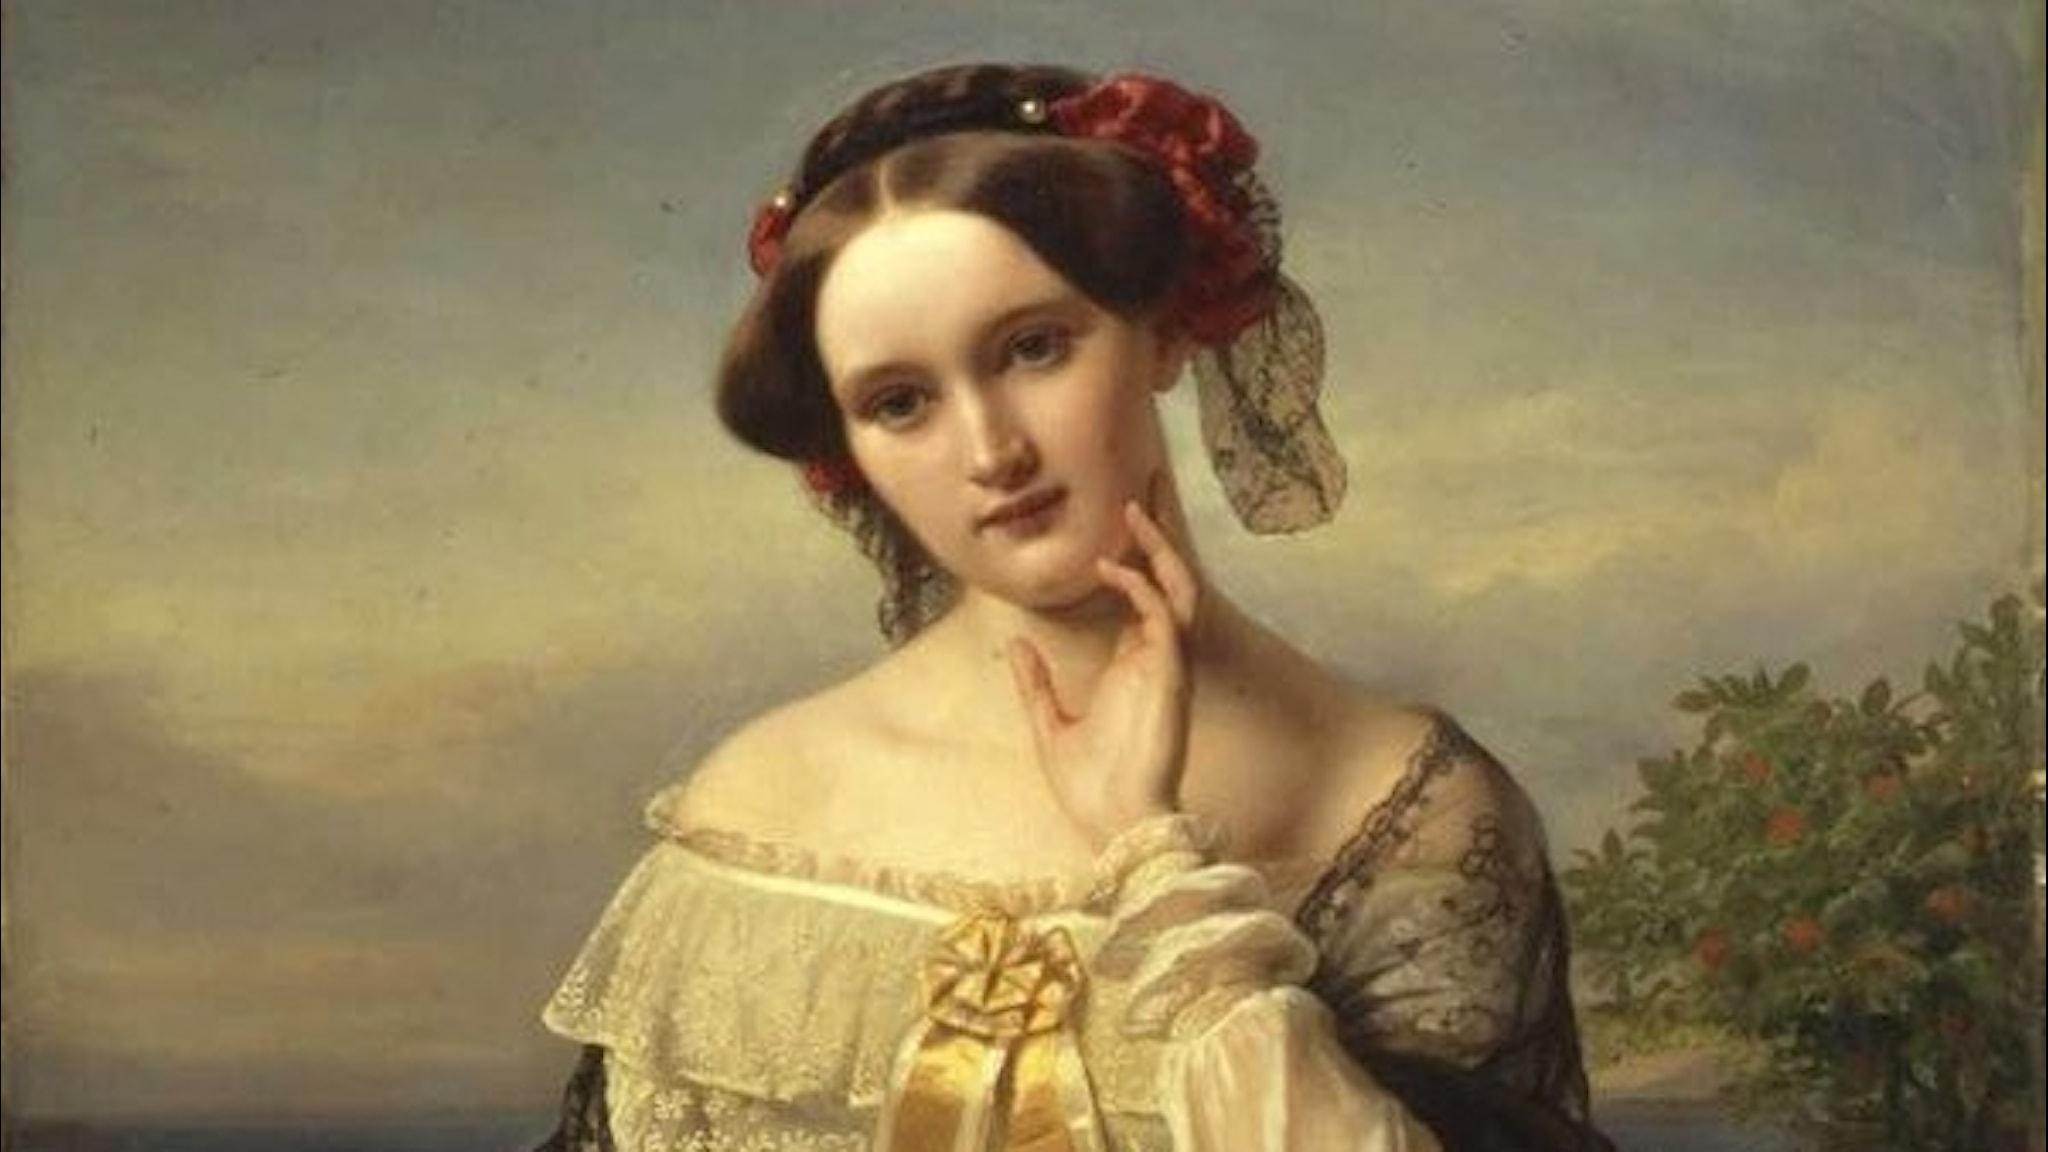 En målning i naturen av poeten och kulturkvinnan Mathilde Wesendonck av Karl Ferdinand Sohn,1850. Wikimedia Commons. Mathilde i en halvbild i färg. Uppsatt hår i en fläta med ett vinrött band. Gulvit klänning med rosettband vid barmen.